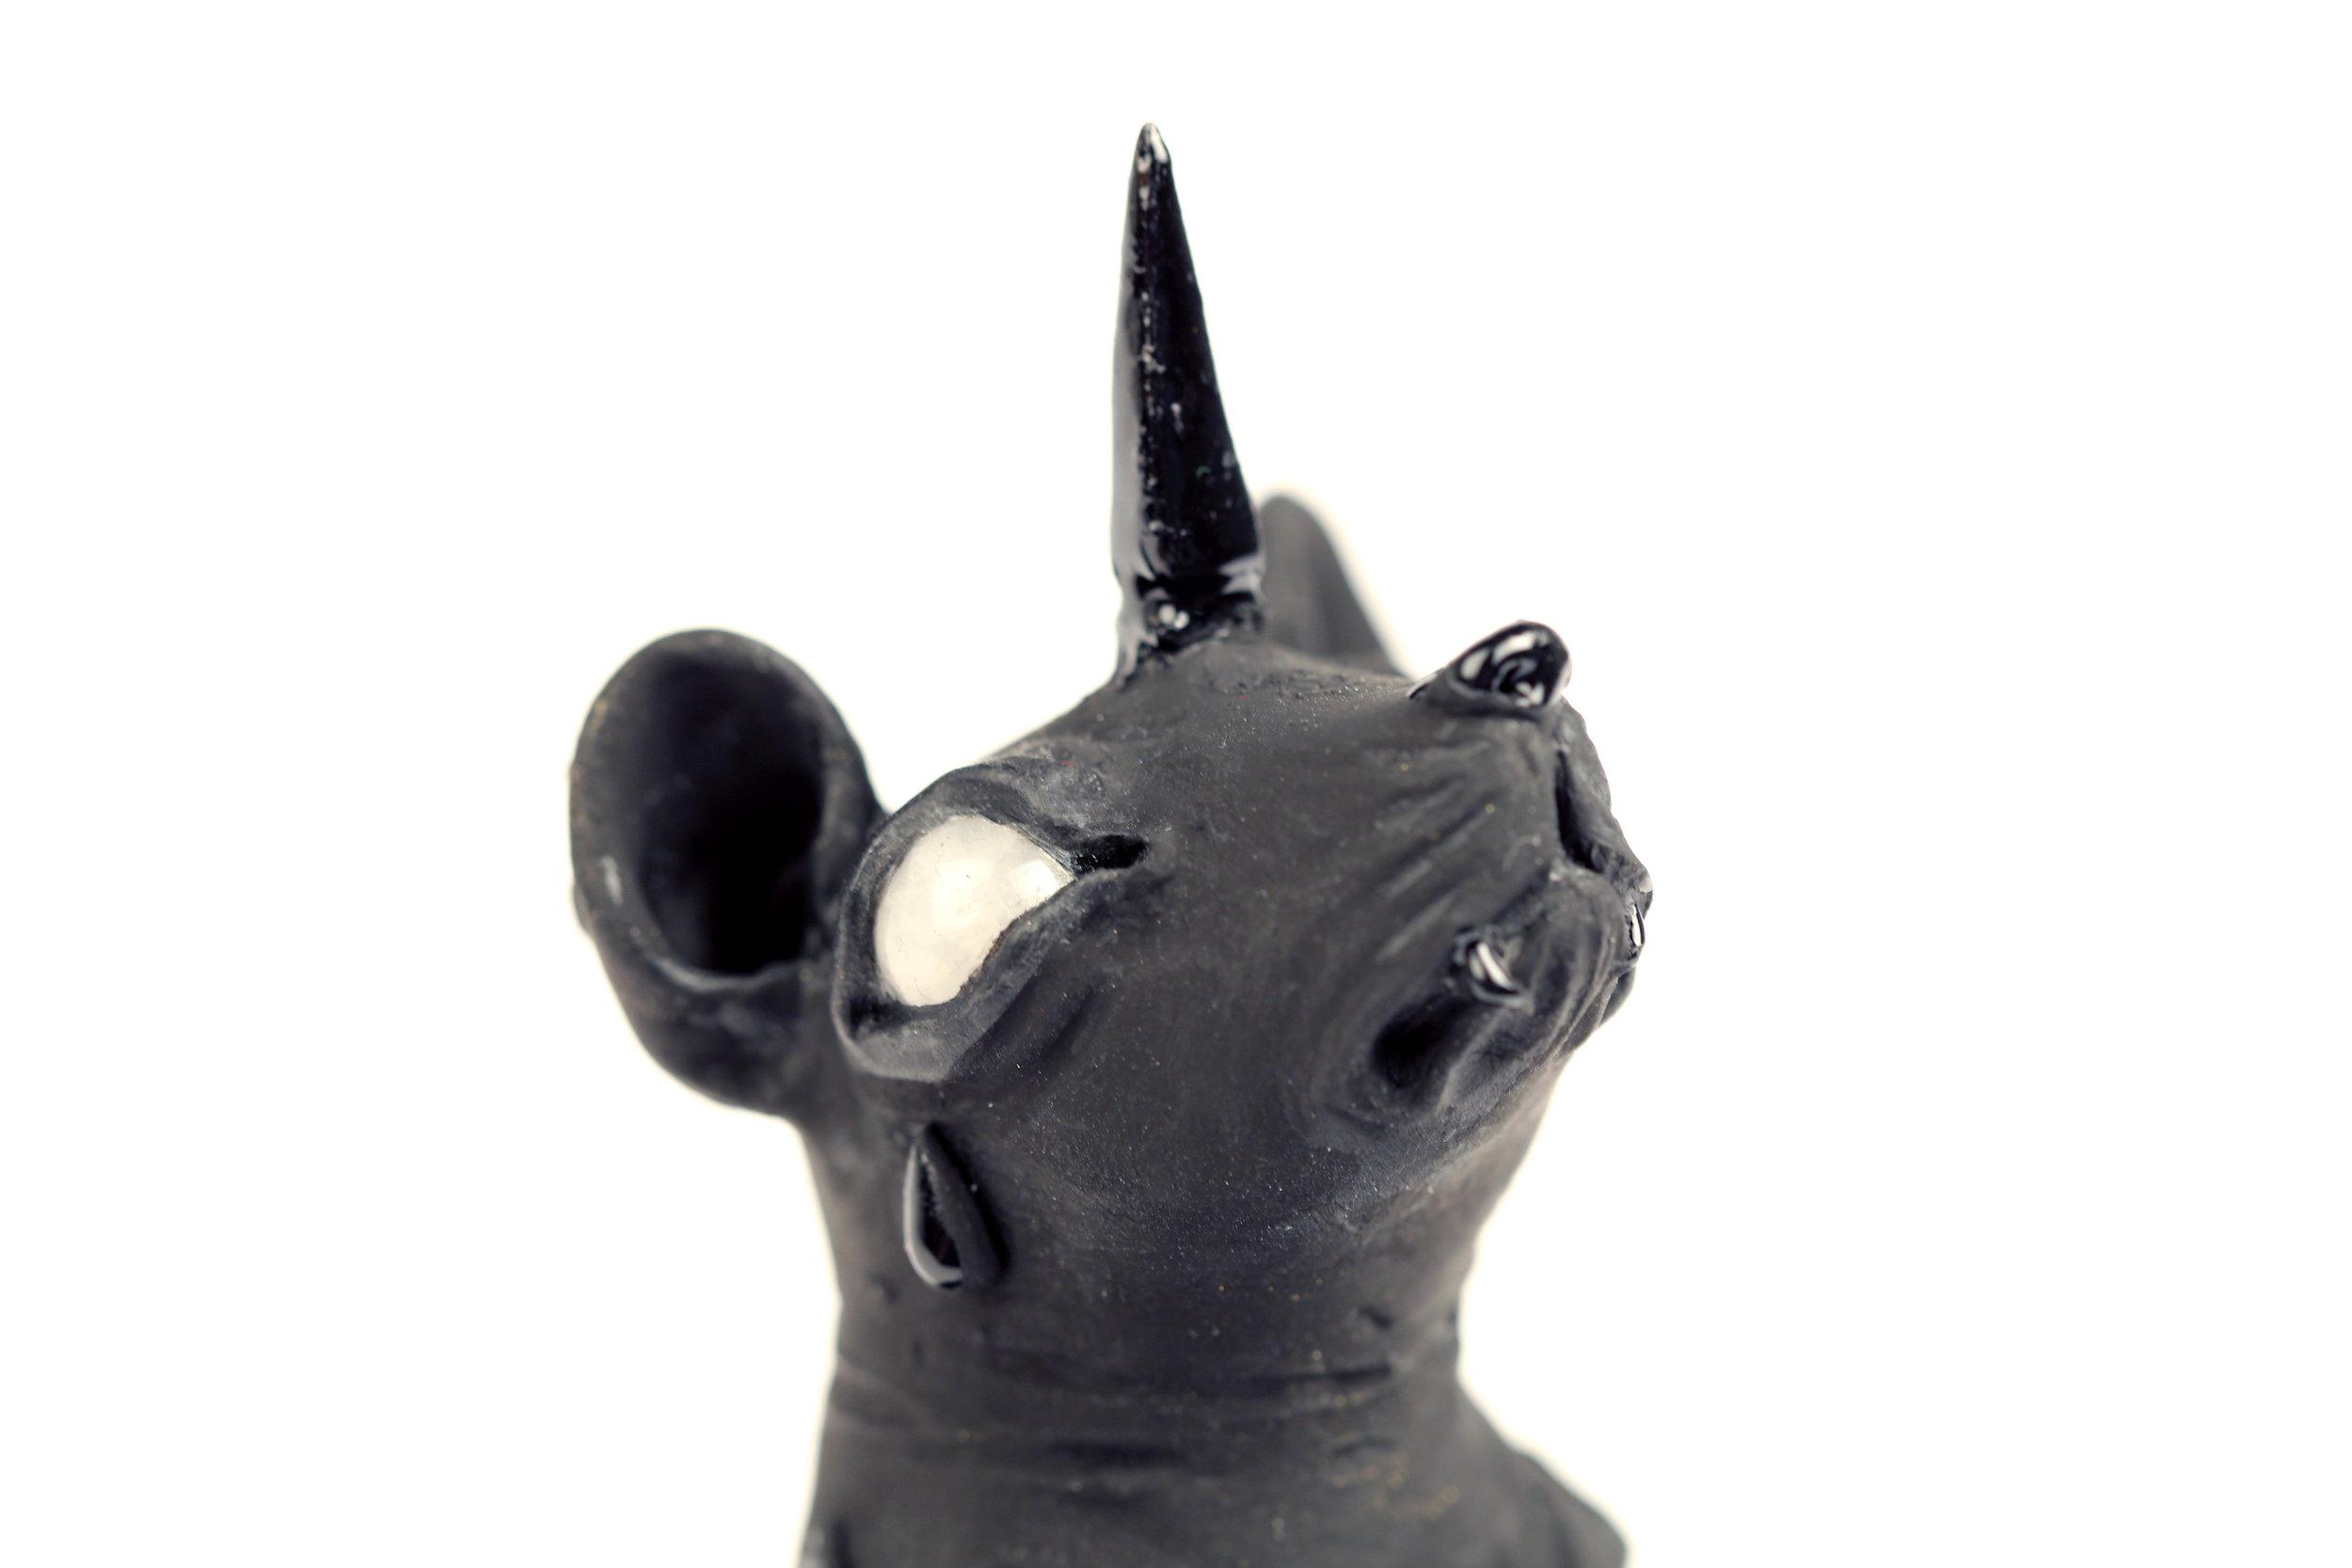 mousedetail1.jpg